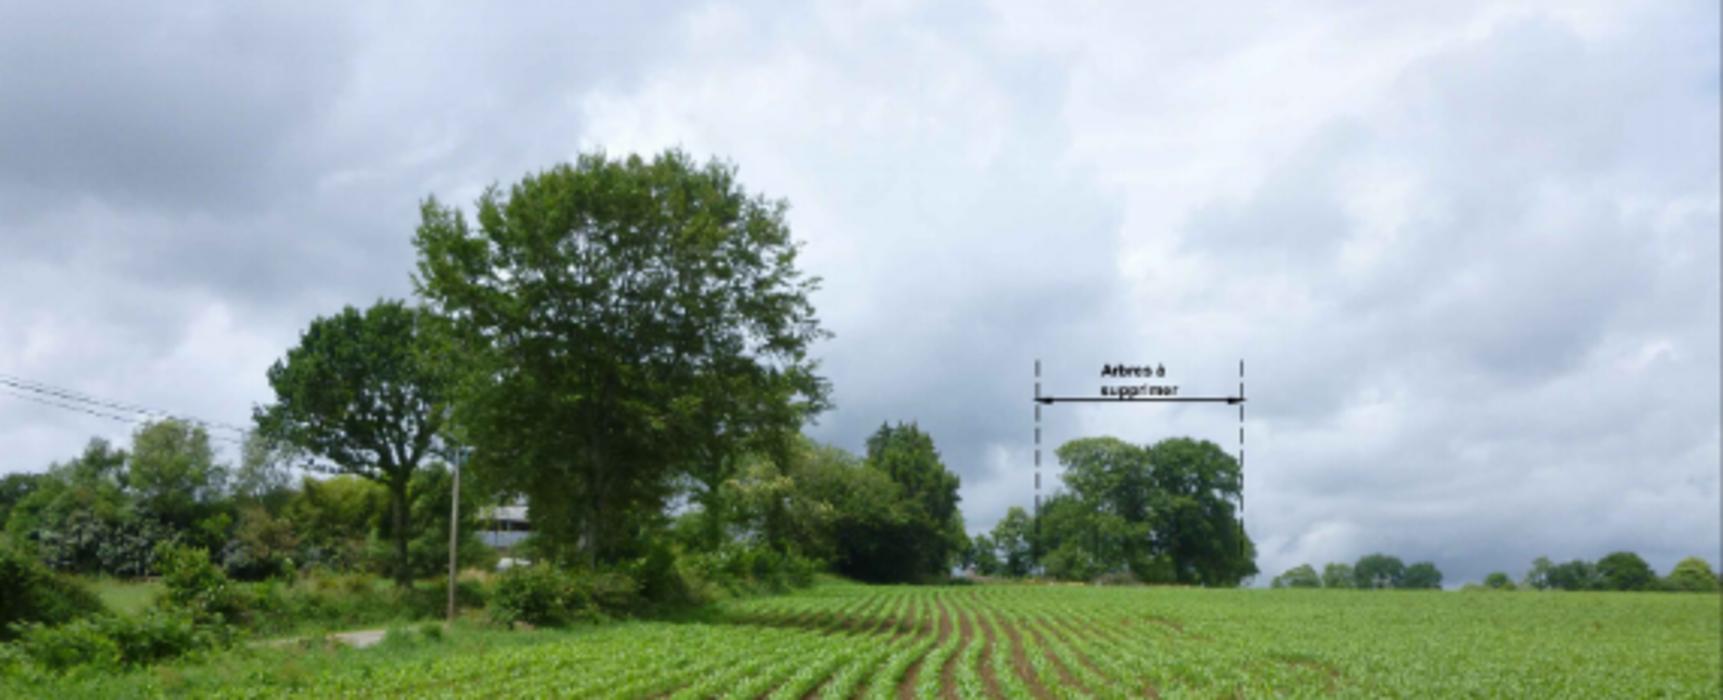 Projet construction d''un hangar agricole pour le stockage de fourrages et de matériel - Secteur Pennaneach 0